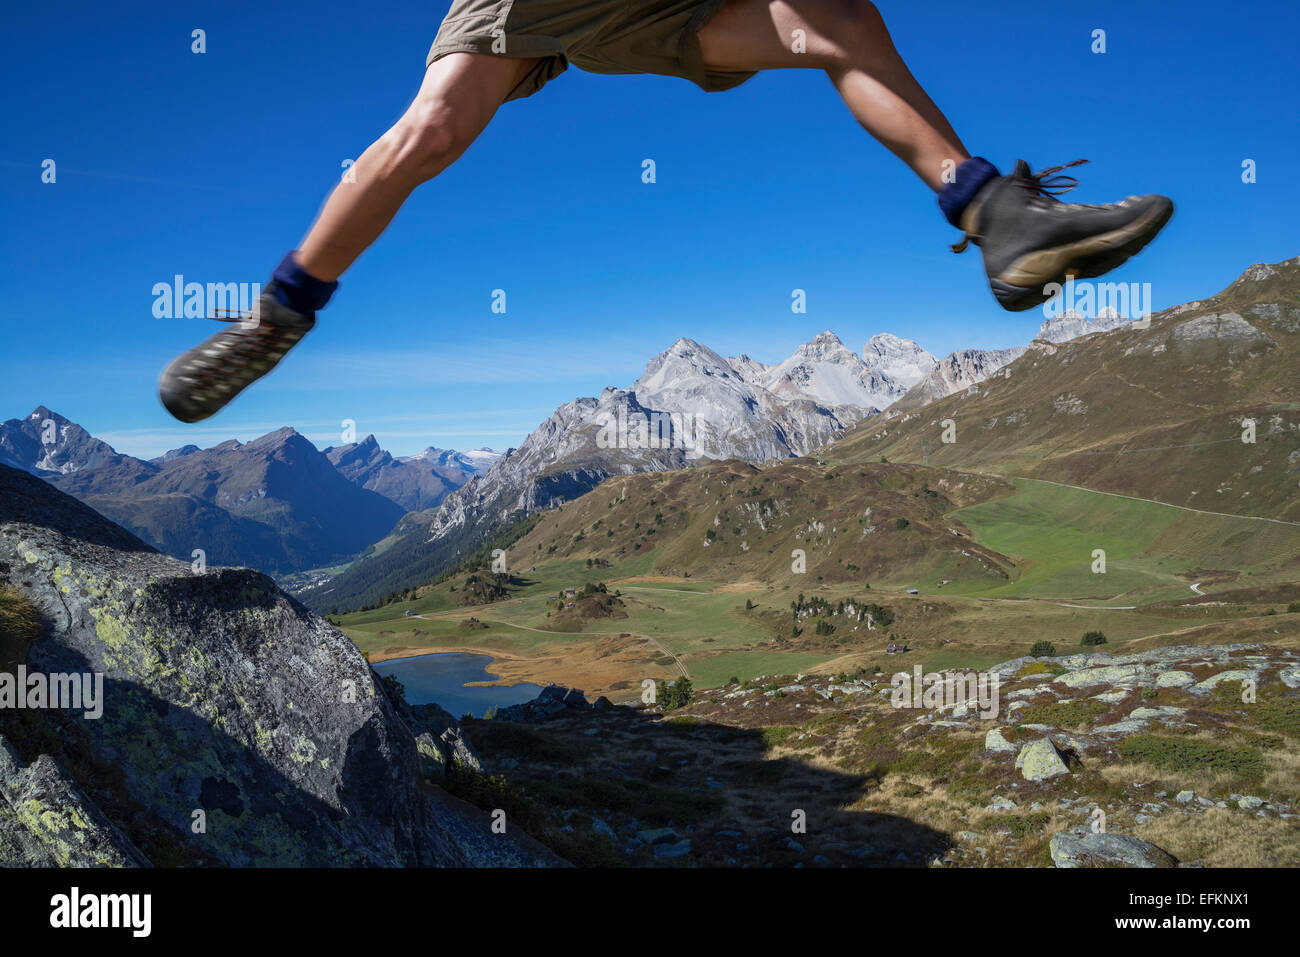 Beine des männlichen Wanderer springen über Felsen, Lai da Fons, Kanton Graubünden, Schweiz Stockbild